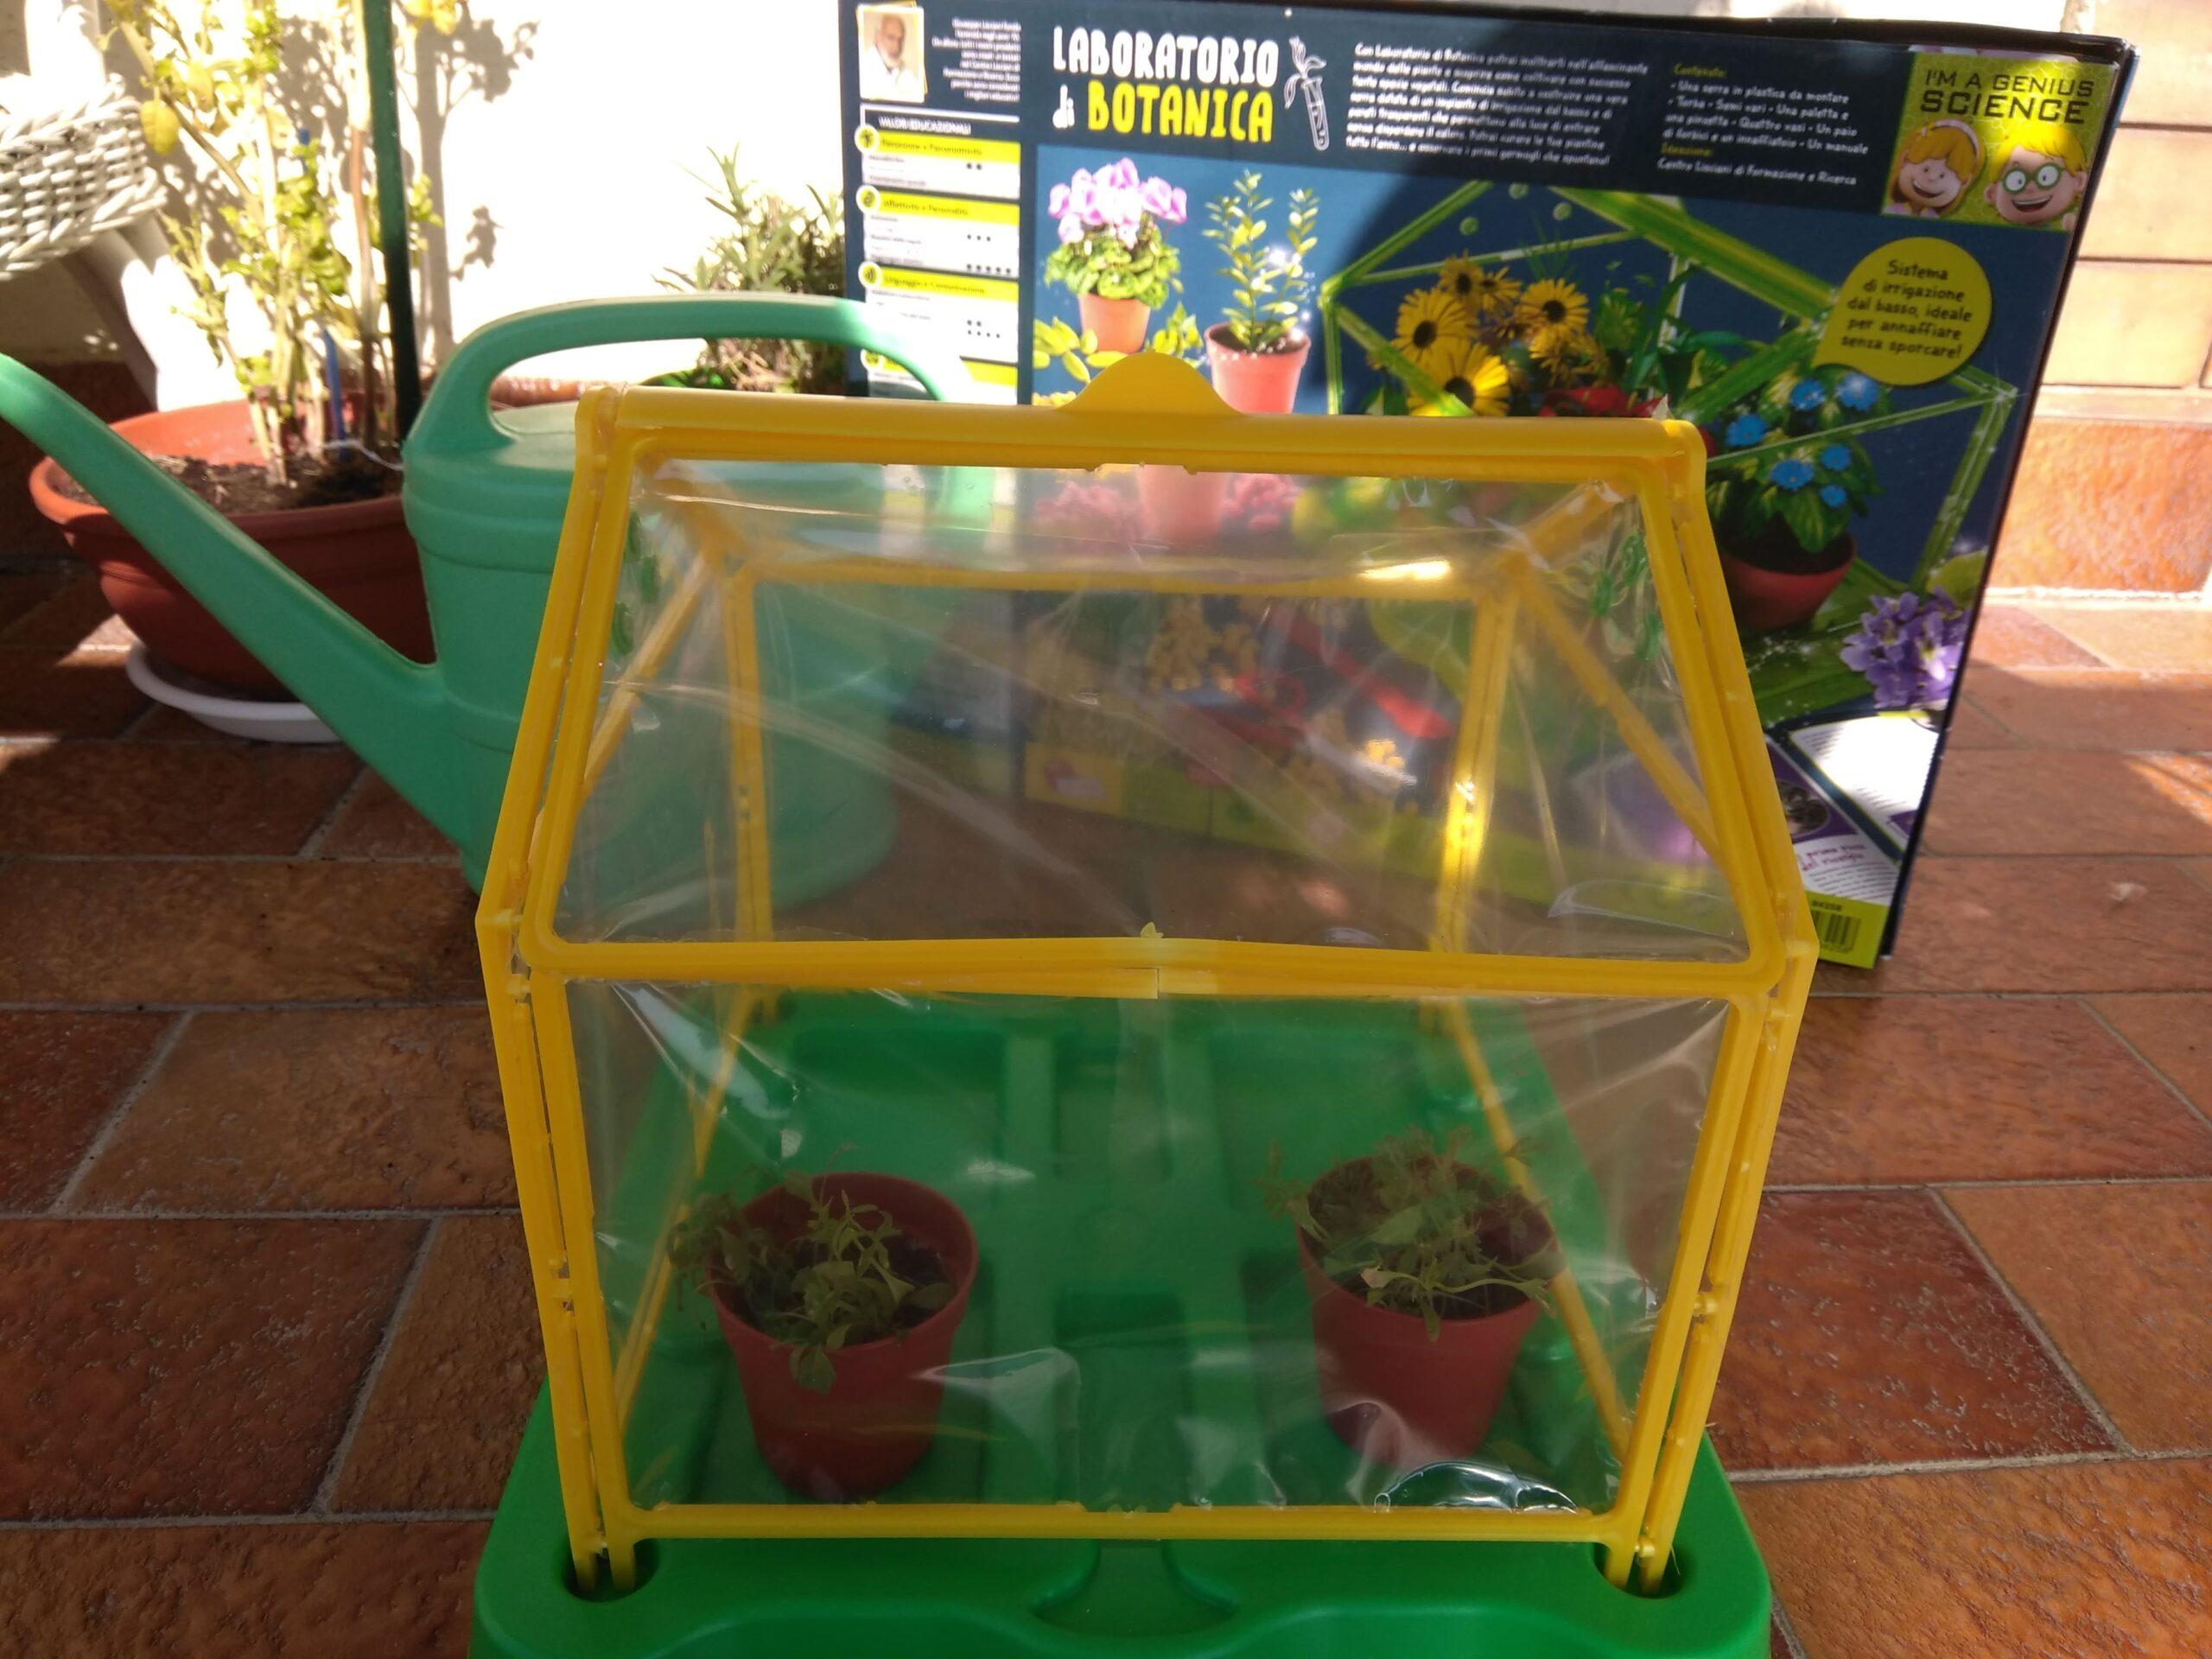 laboratorio di botanica lisciani giochi, gioco serra per bambini fai da te